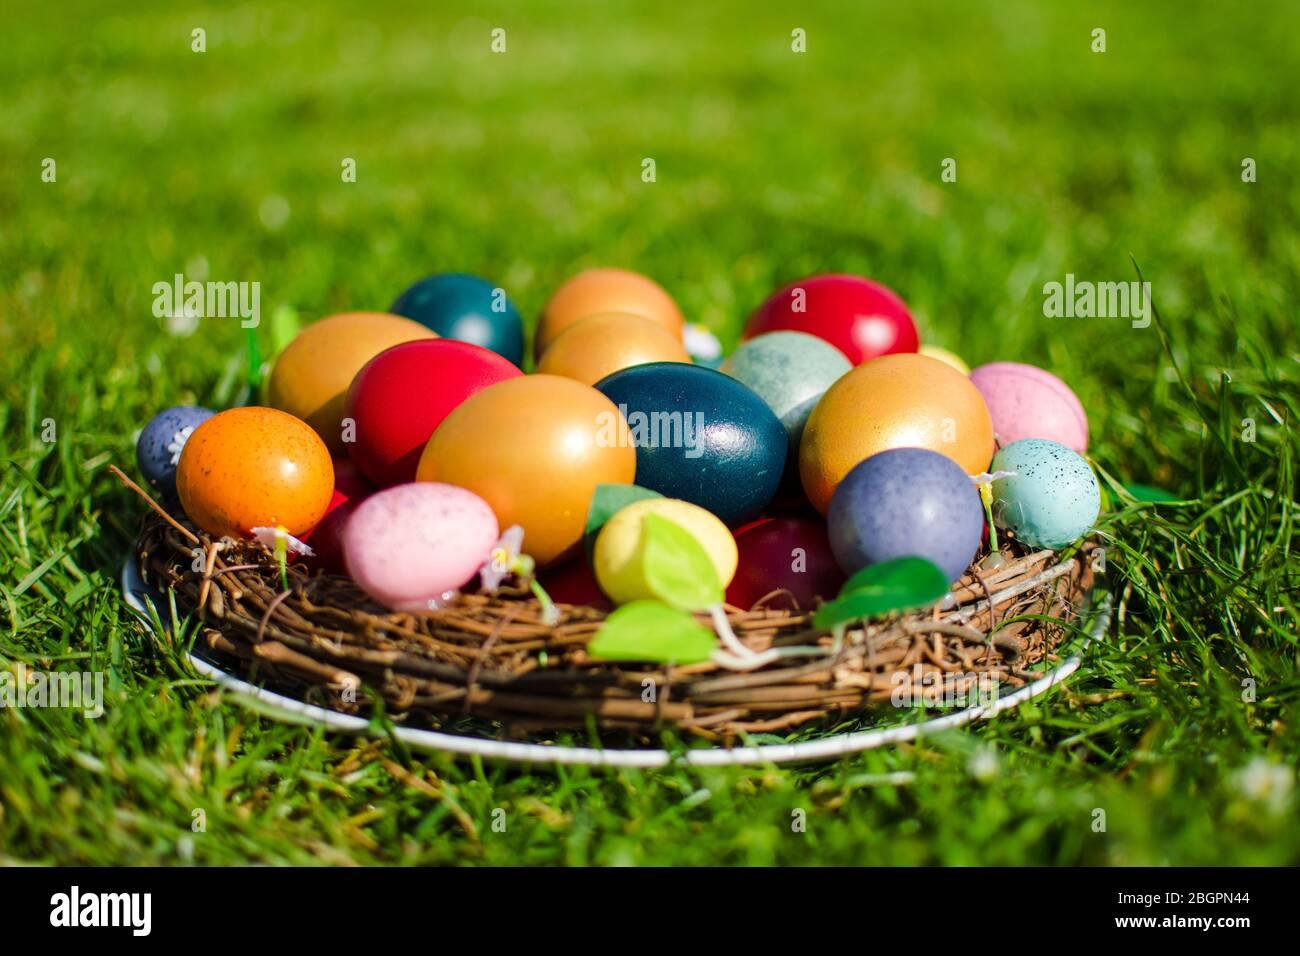 Stock photo des oeufs de Pâques dans un panier en bois sur l'herbe verte comme symbole de Pâques dans la religion chrétienne. Banque D'Images